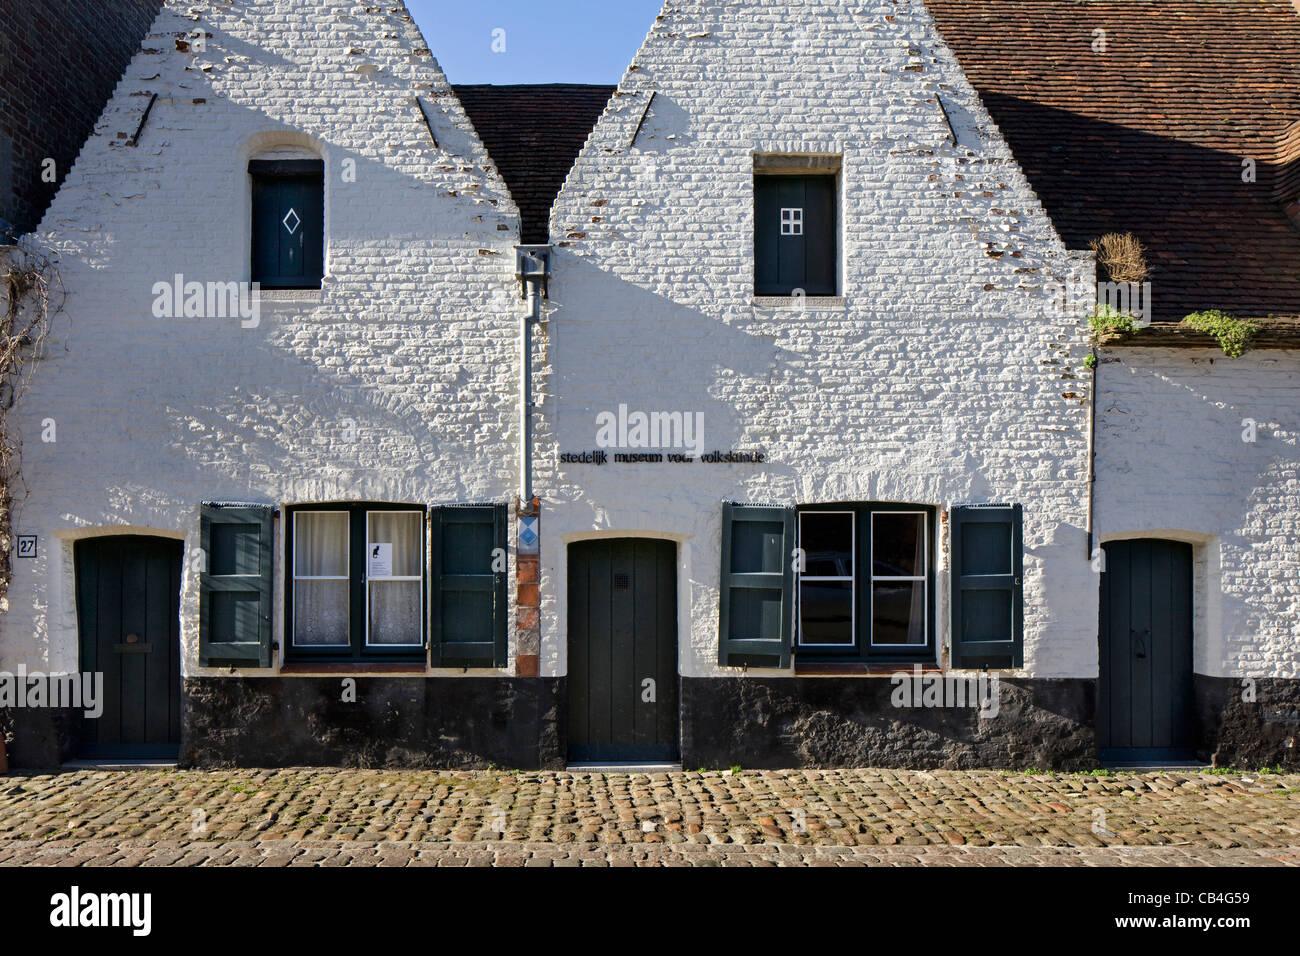 Il museo del folklore e il Gatto Nero / Zwarte Kat a Bruges, Belgio Immagini Stock